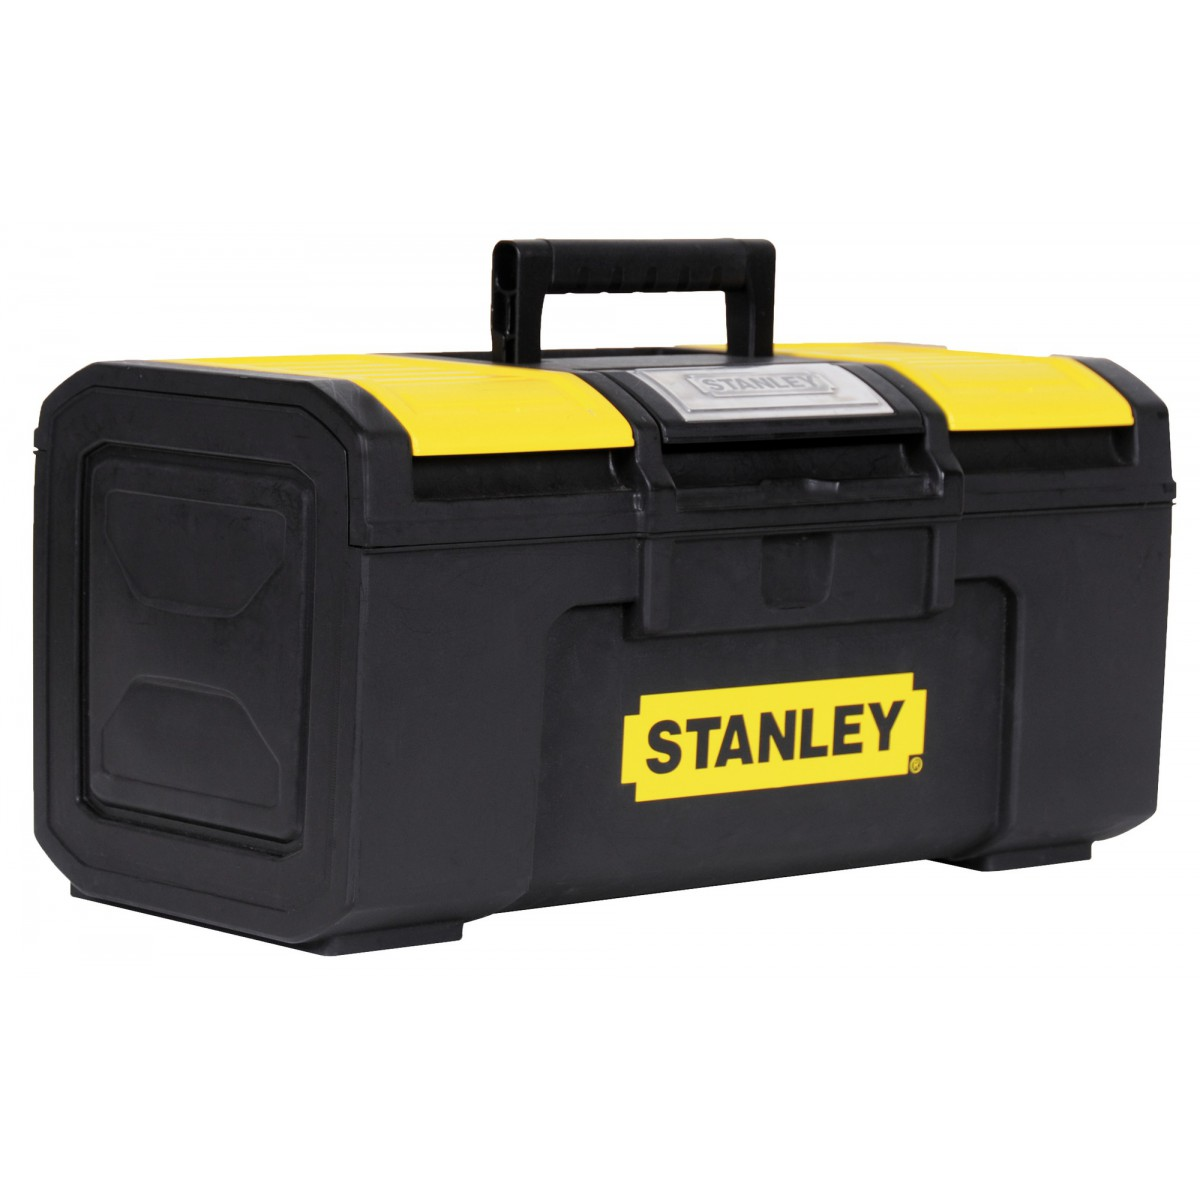 Boîte à outils Stanley - L x l x h - 390 x 220 x 170 mm